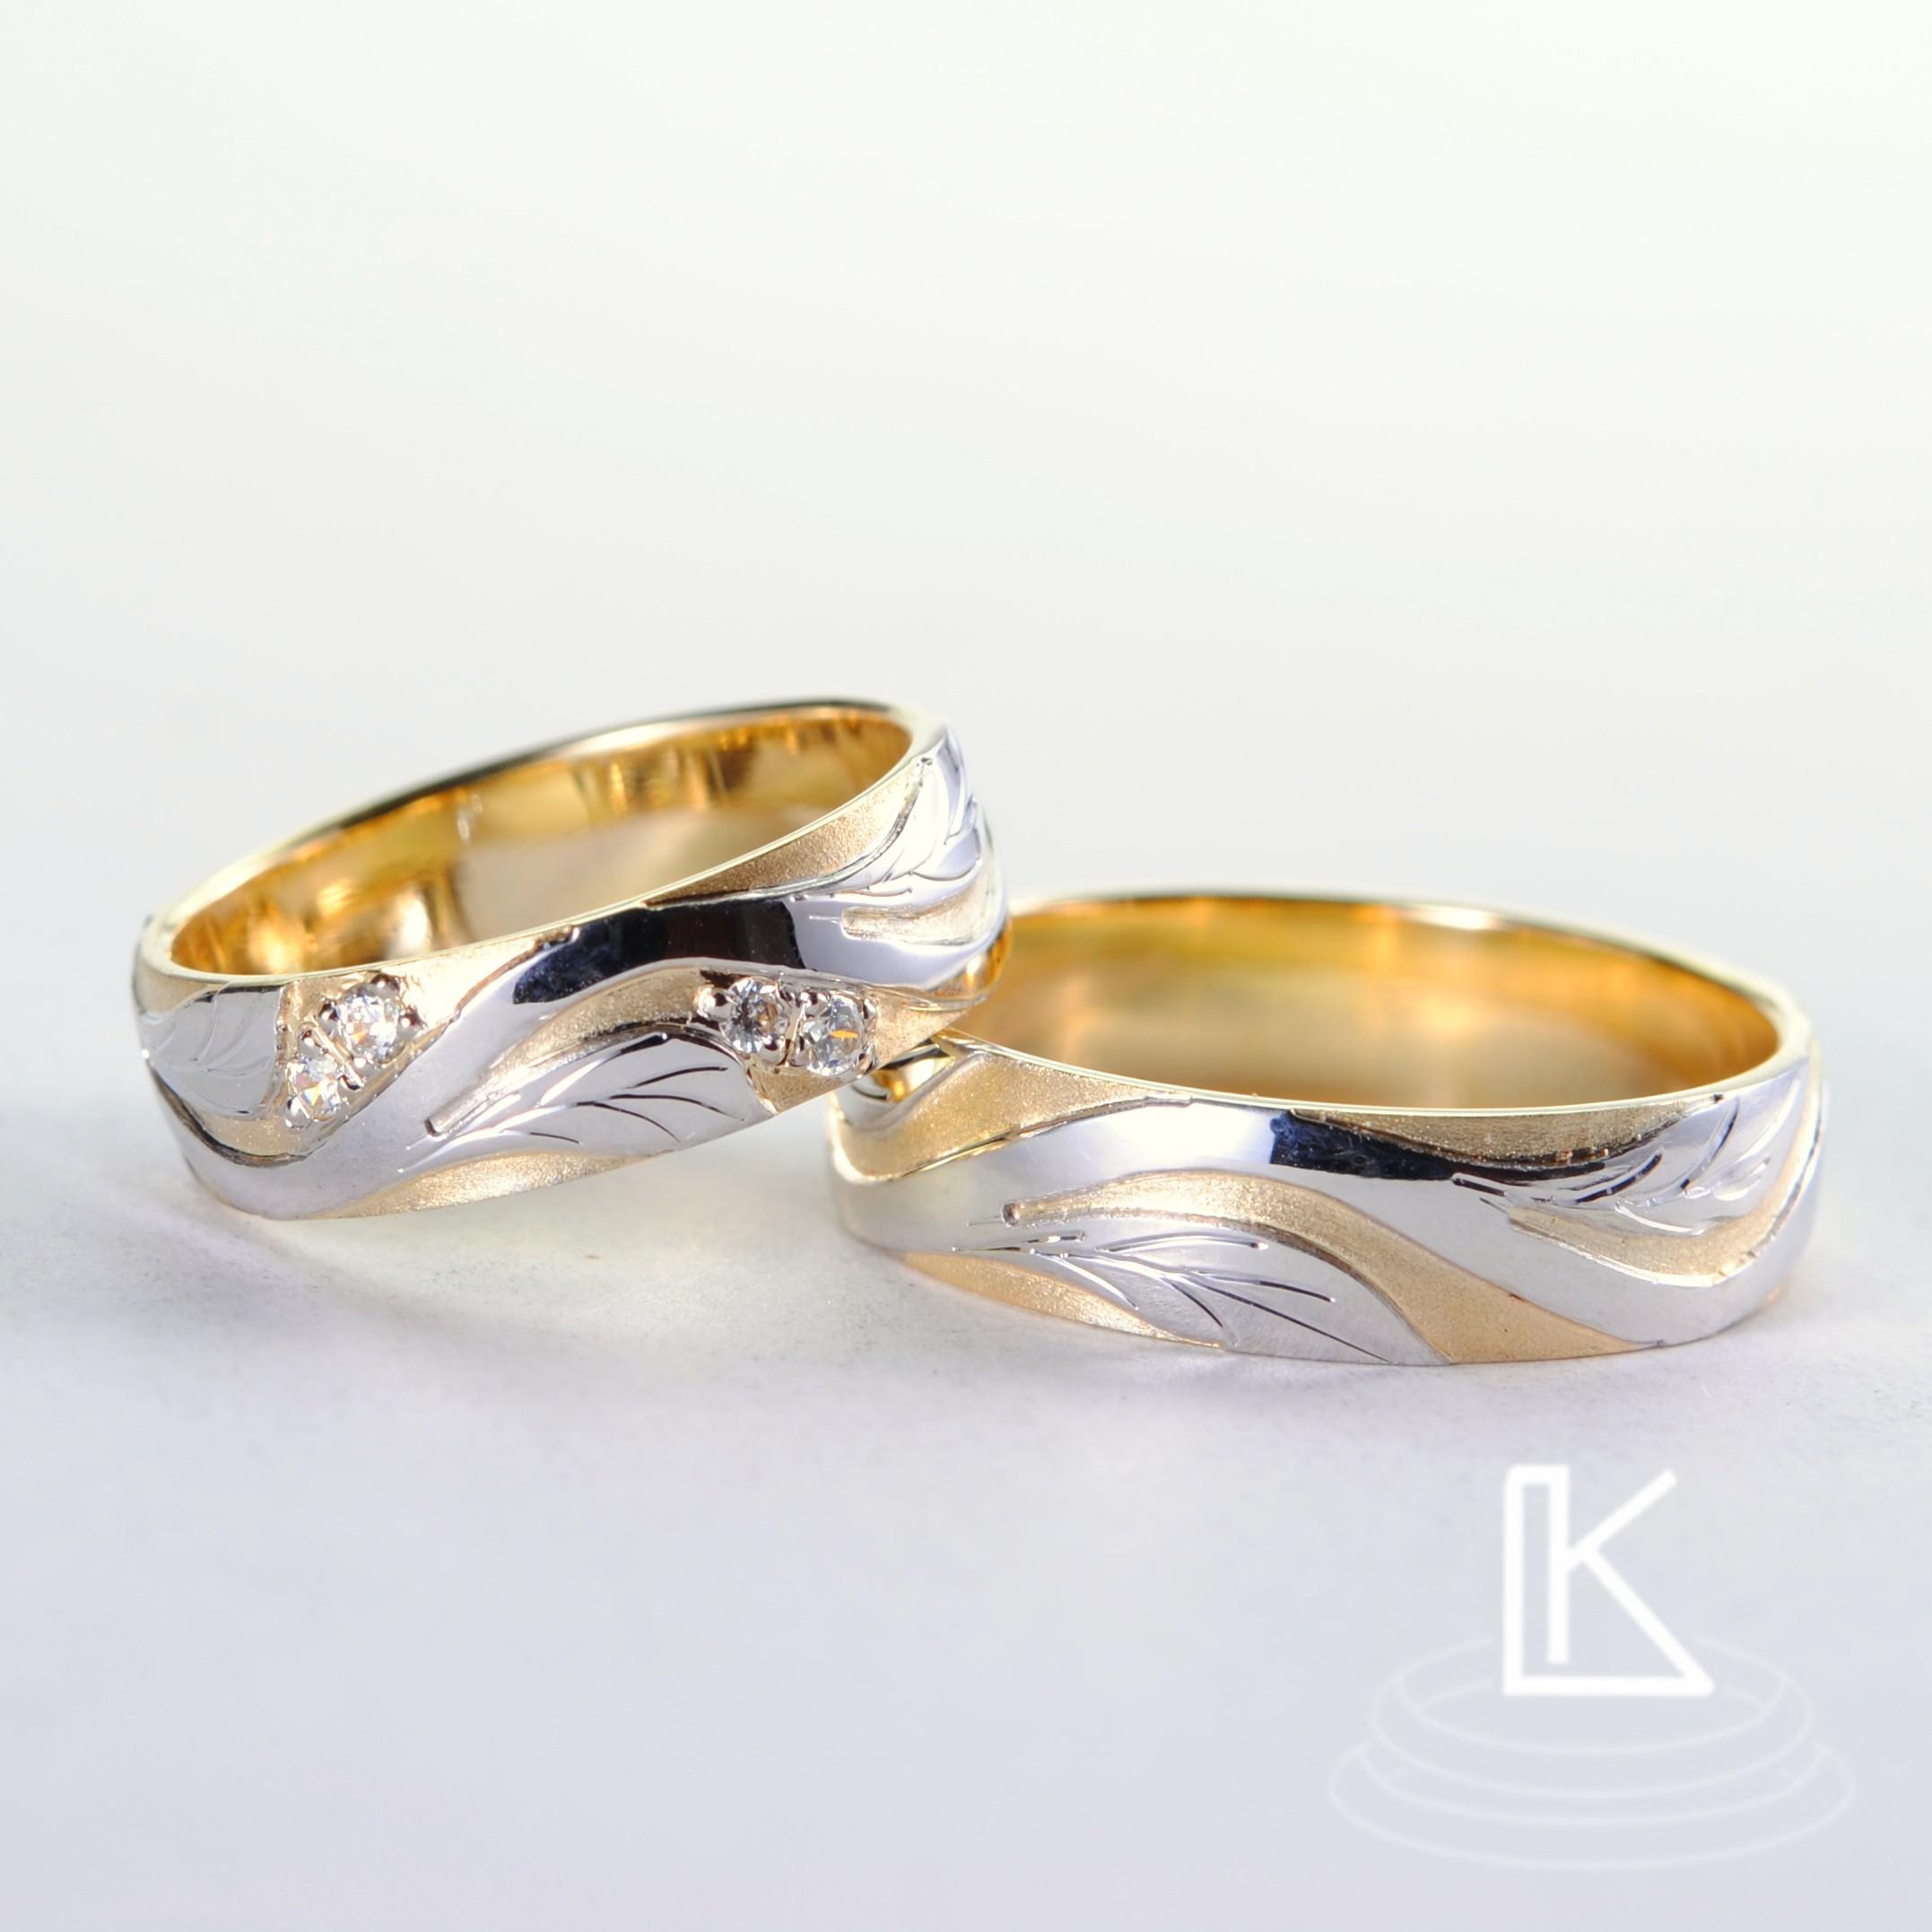 Snubní prsteny č. 15 s motivem plastické větvičky z bílého zlata